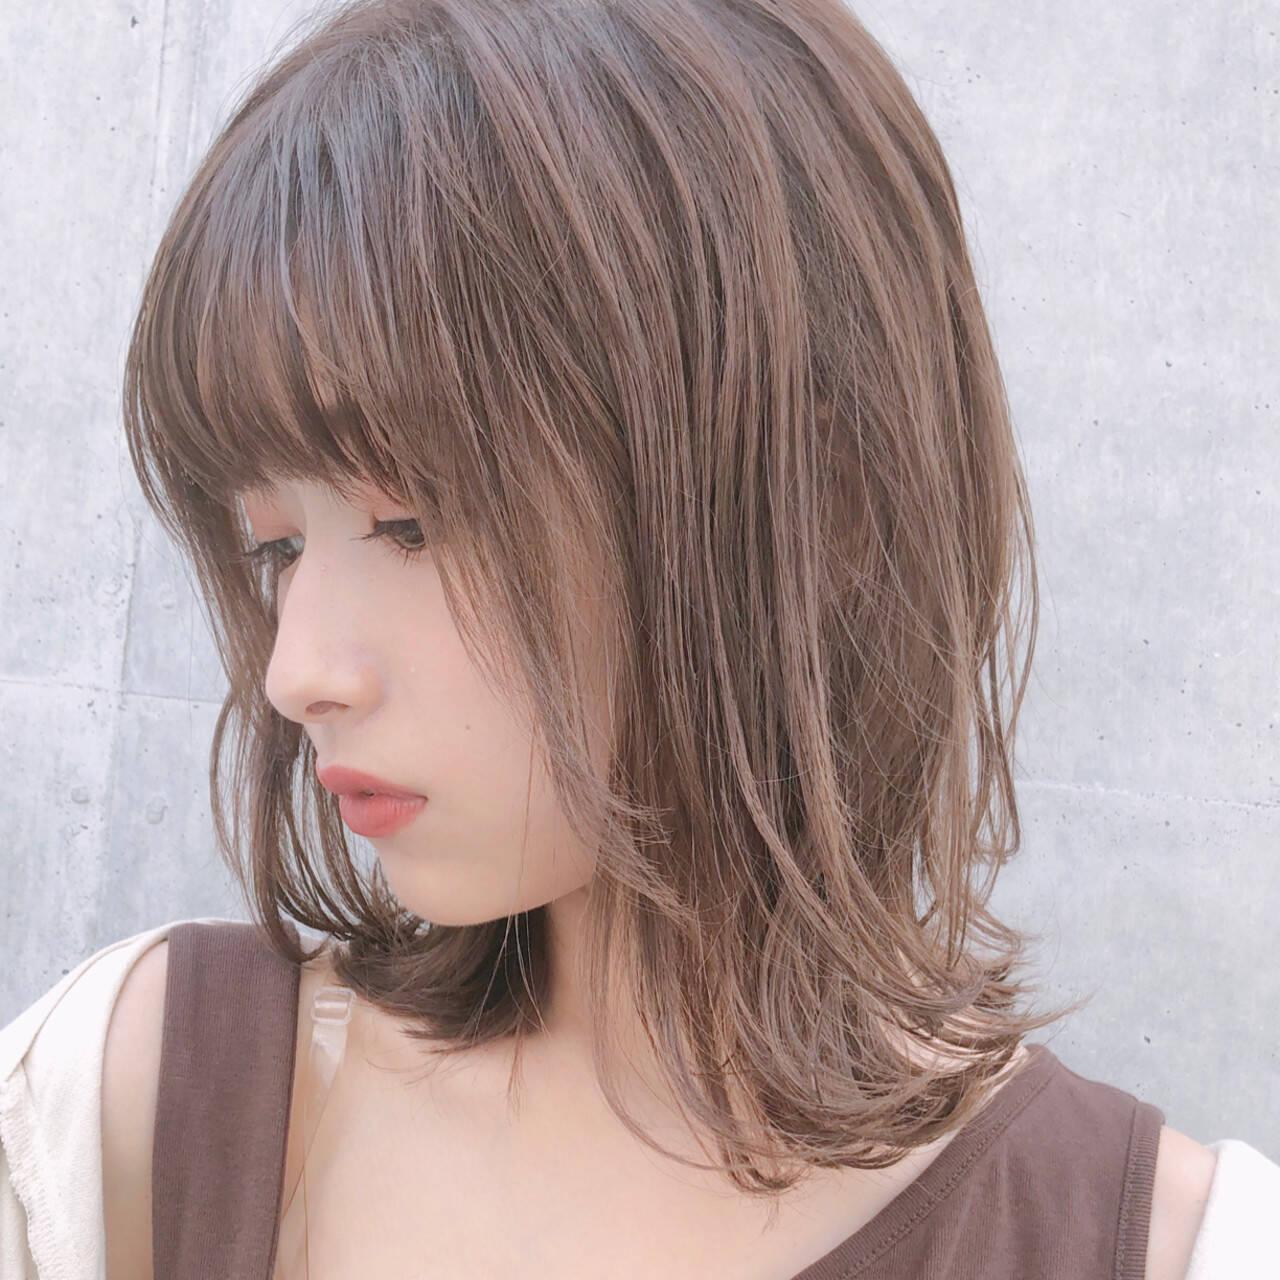 アンニュイほつれヘア ミディアム 大人かわいい ゆるふわヘアスタイルや髪型の写真・画像